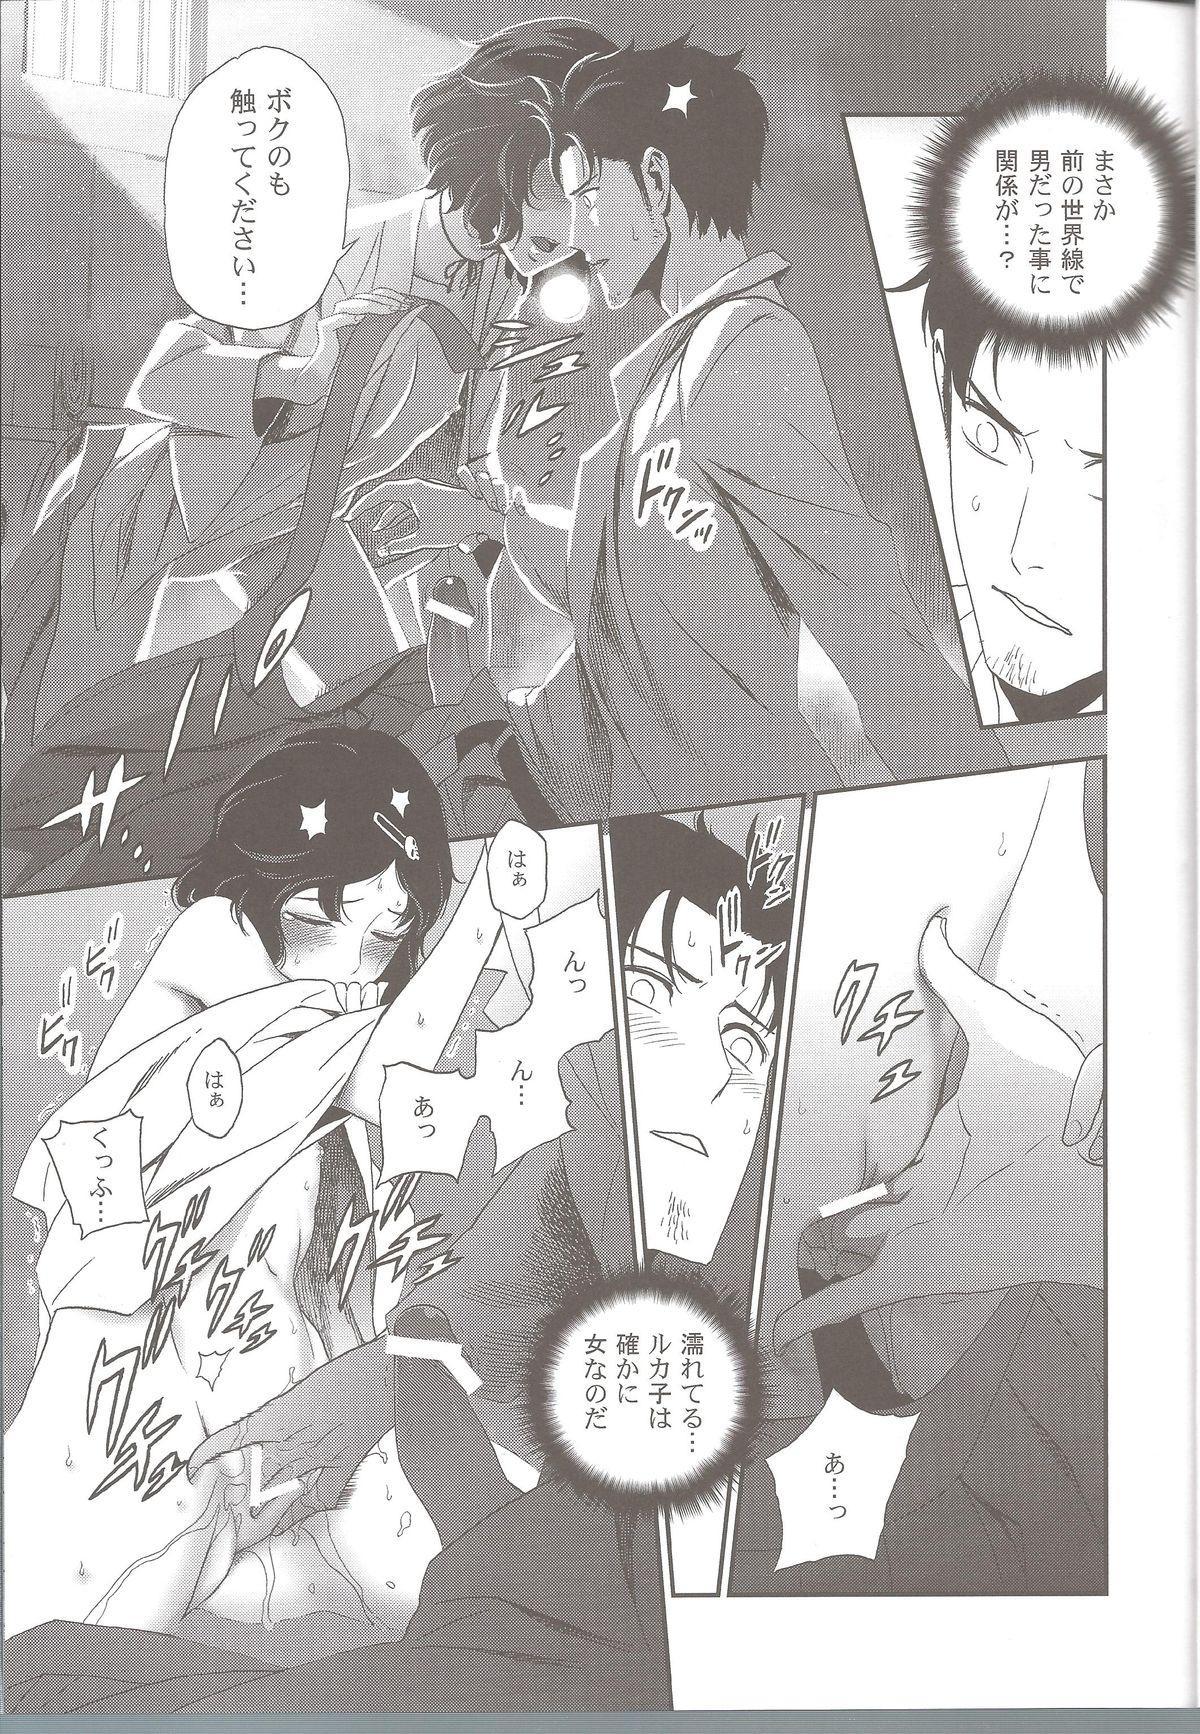 Shiiseishou no Maria 8